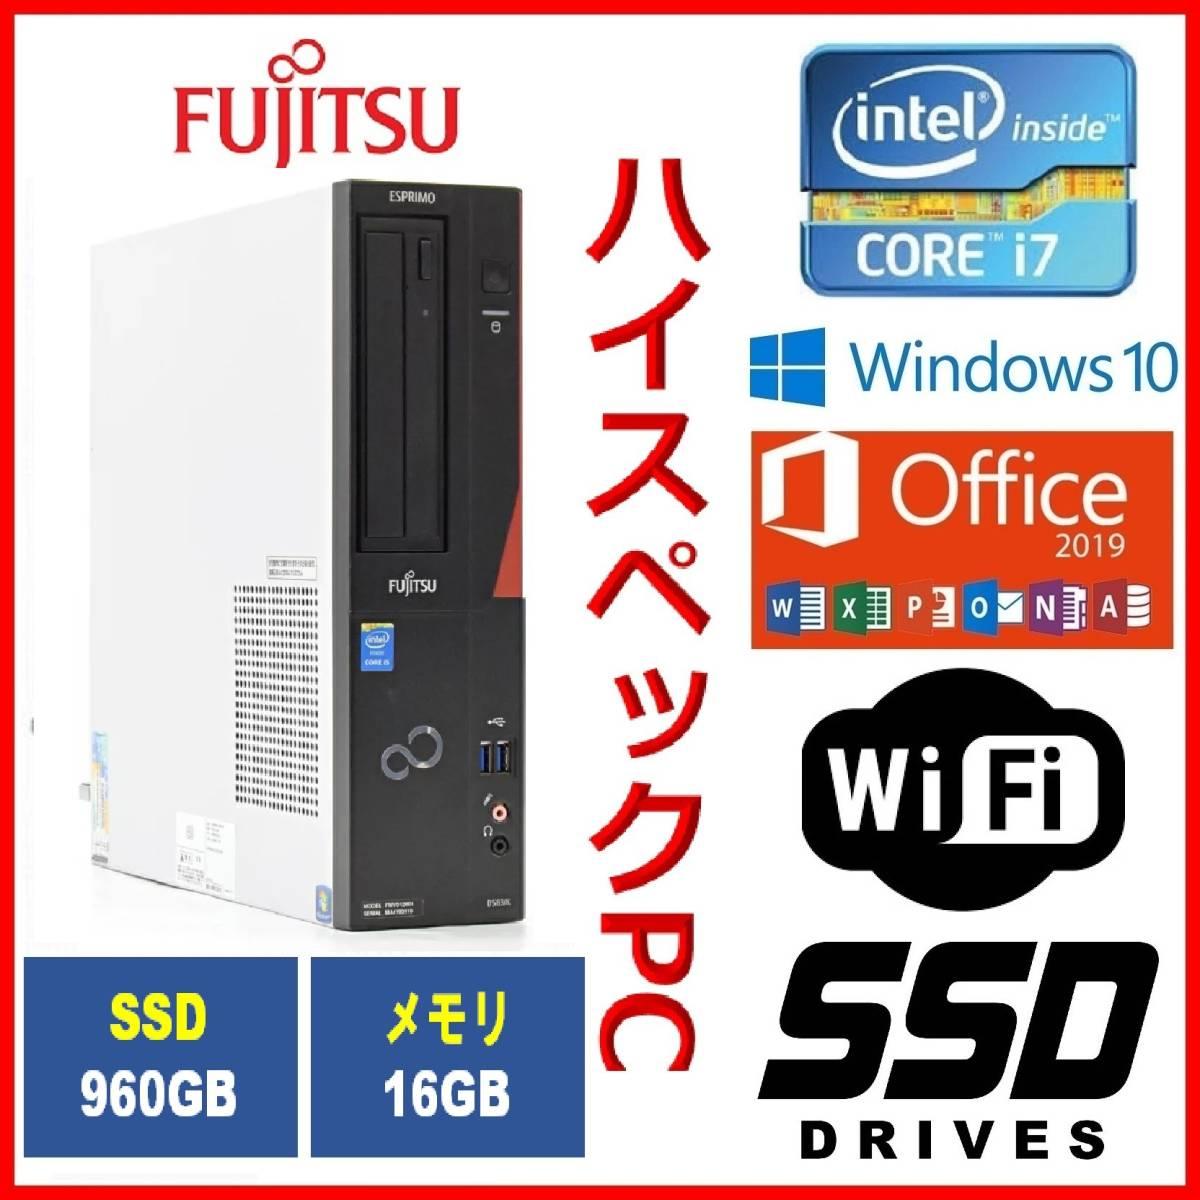 【富士通】小型/究極 i7-4770(3.9Gx8)/新品SSD960GB/大容量16Gメモリ/Office2019/Win10/無線LAN(Wi-Fi)/静音/送料無料/ESPRIMO D583/HX改